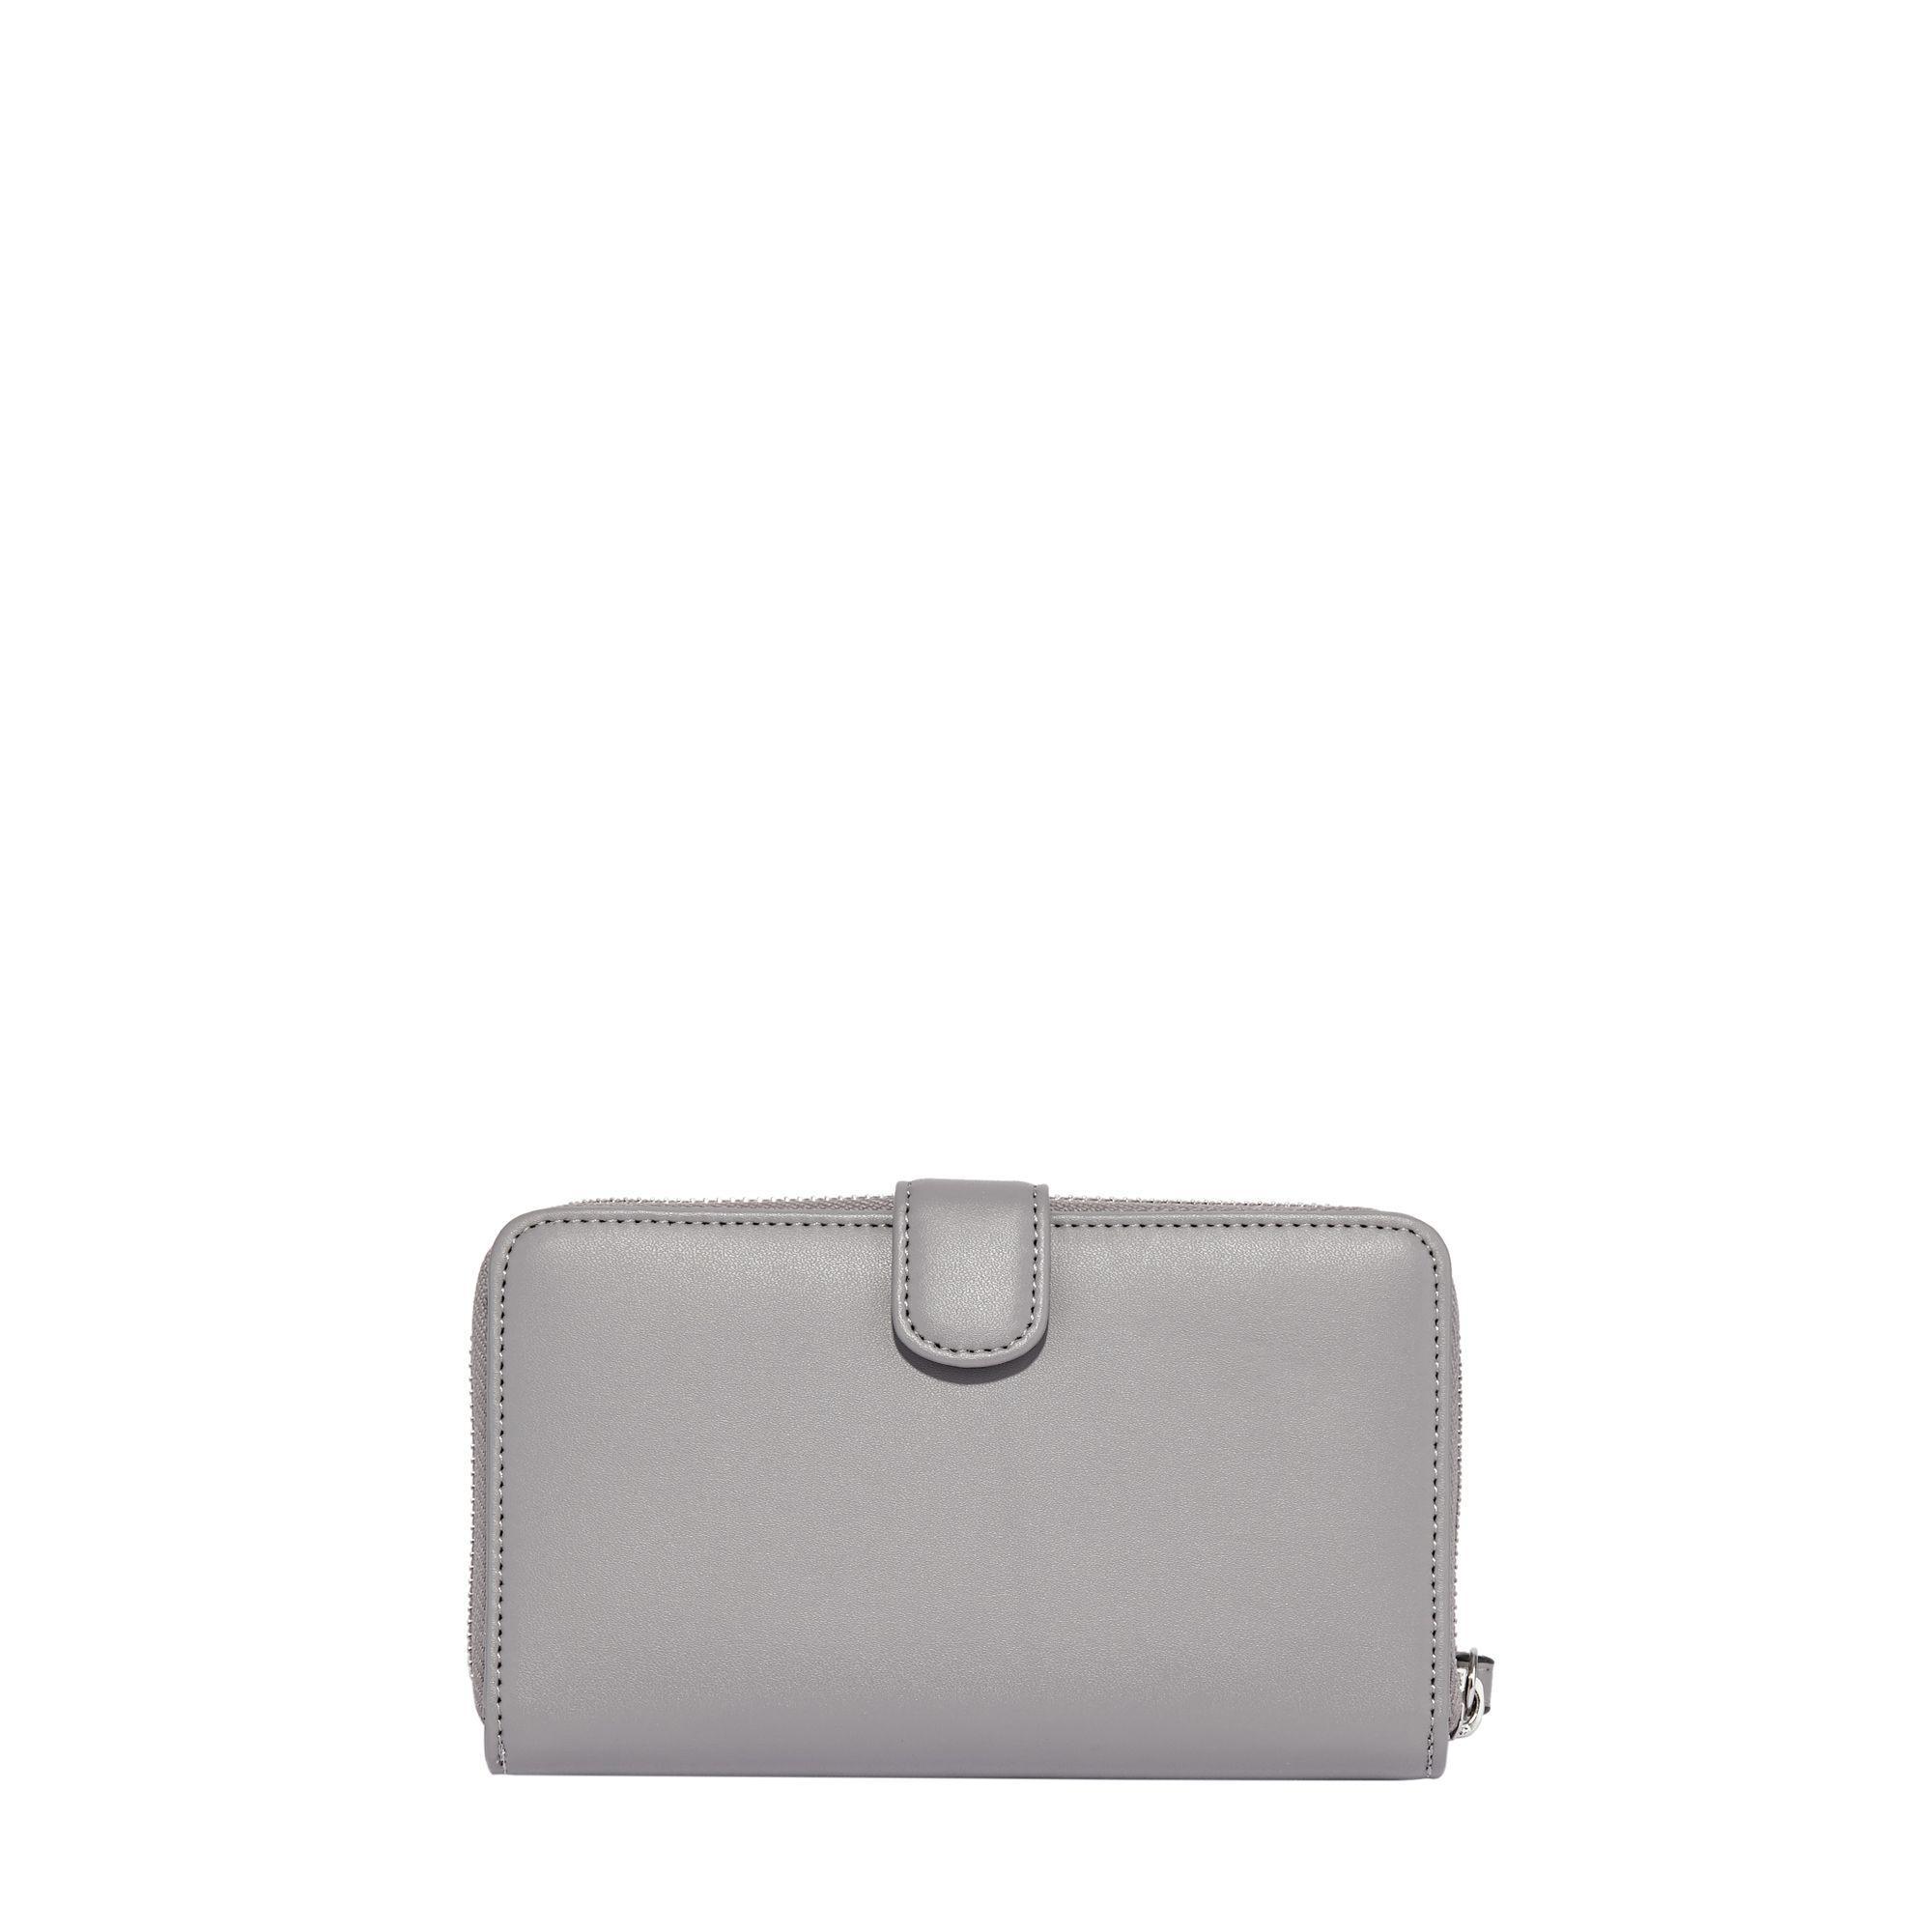 0836d6c95d Fiorelli Grey Abbey Zip Around Purse in Gray - Lyst